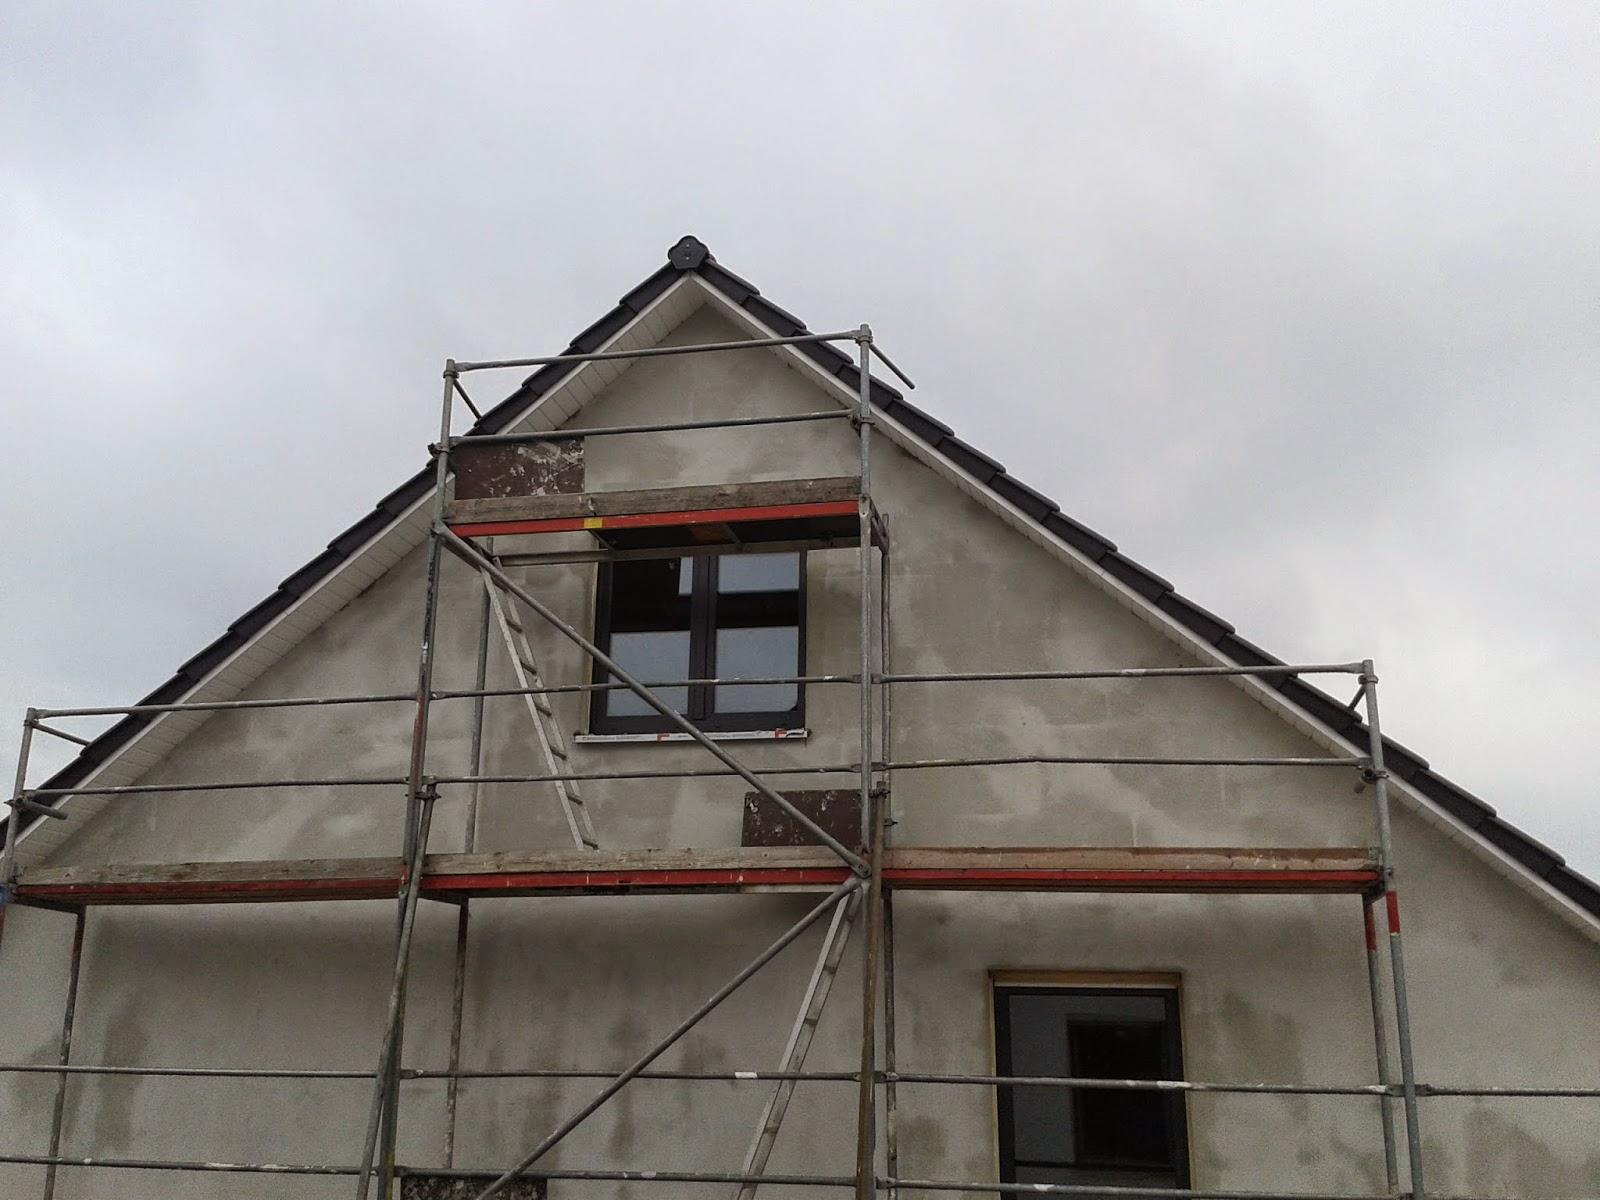 Bautagebuch: unsere eigenen vier Wände : März 2015